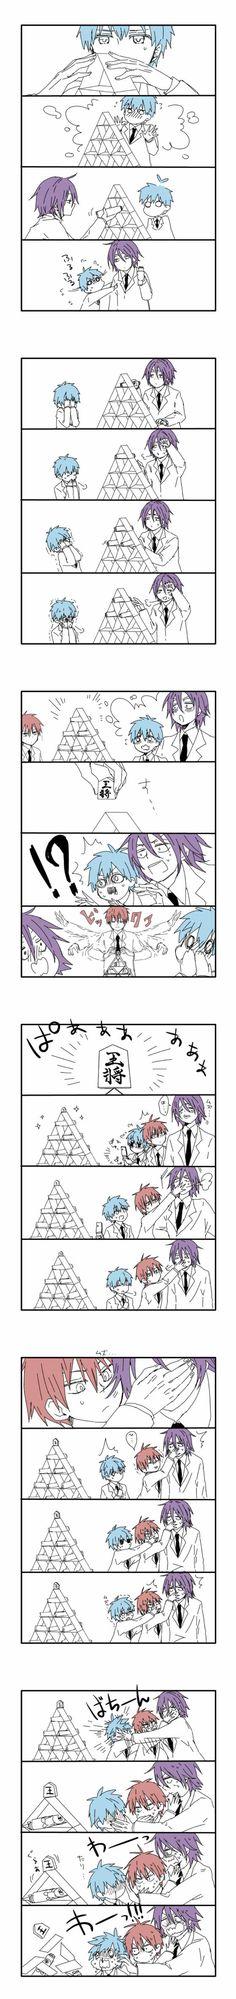 Kuroko no Basket (黒子のバスケ) - Tetsuya Kuroko, Atsushi Murasakibara, & Seijuurou Akashi ^_^;